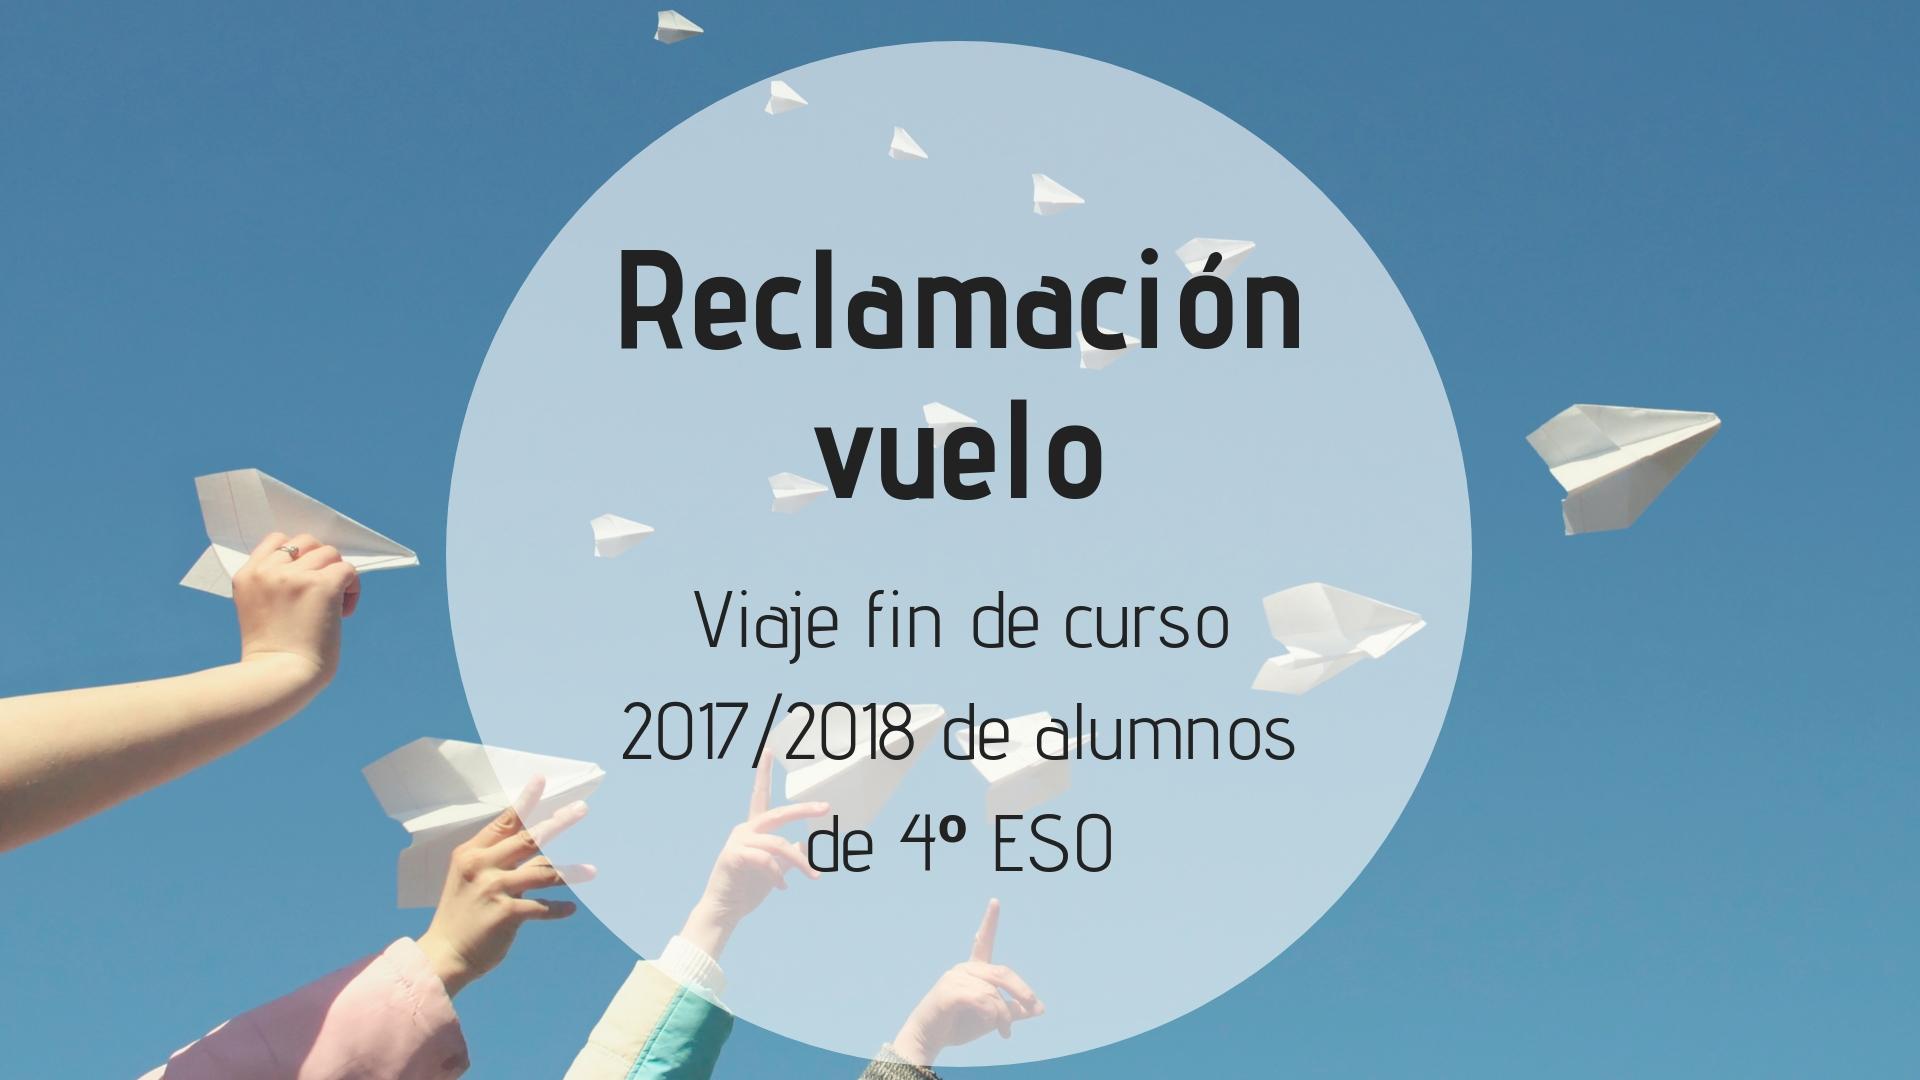 Reclamación vuelo del viaje de fin de curso de 4º de ESO en el curso escolar 2017/2018